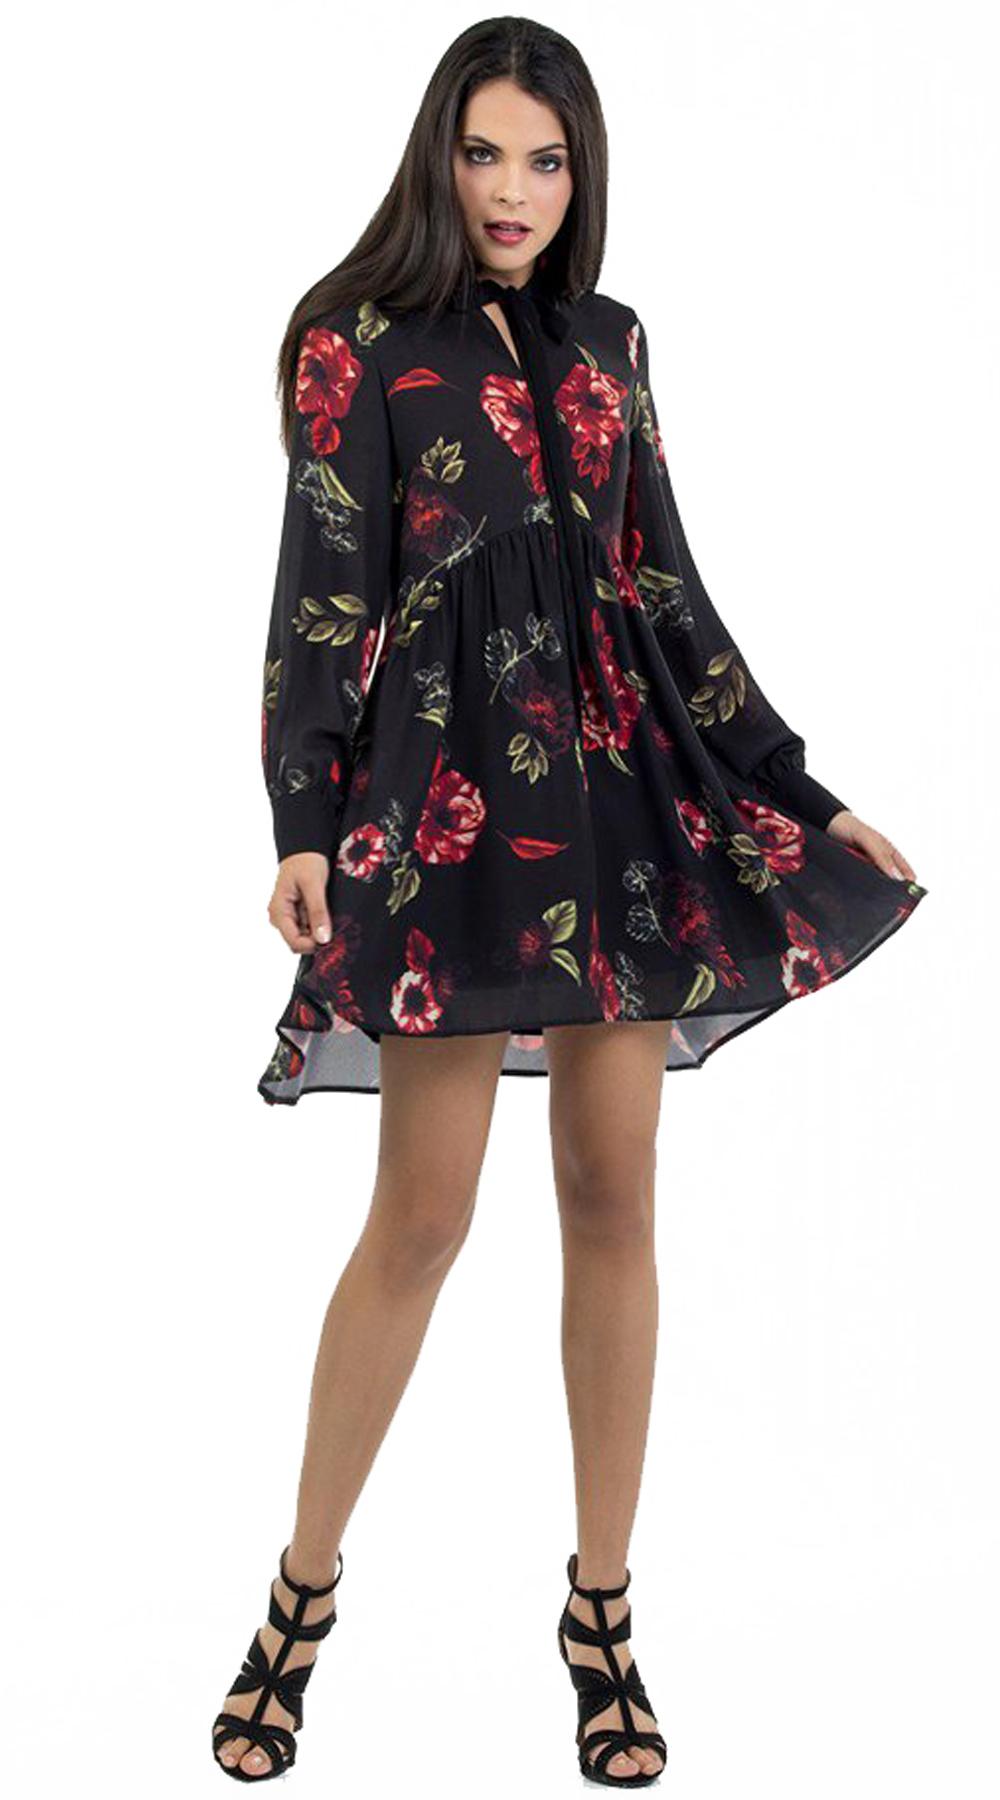 Μίνι φλοράλ φόρεμα dark rose με δέσιμο στο λαιμό Online - ONLINE - W18ON-56115